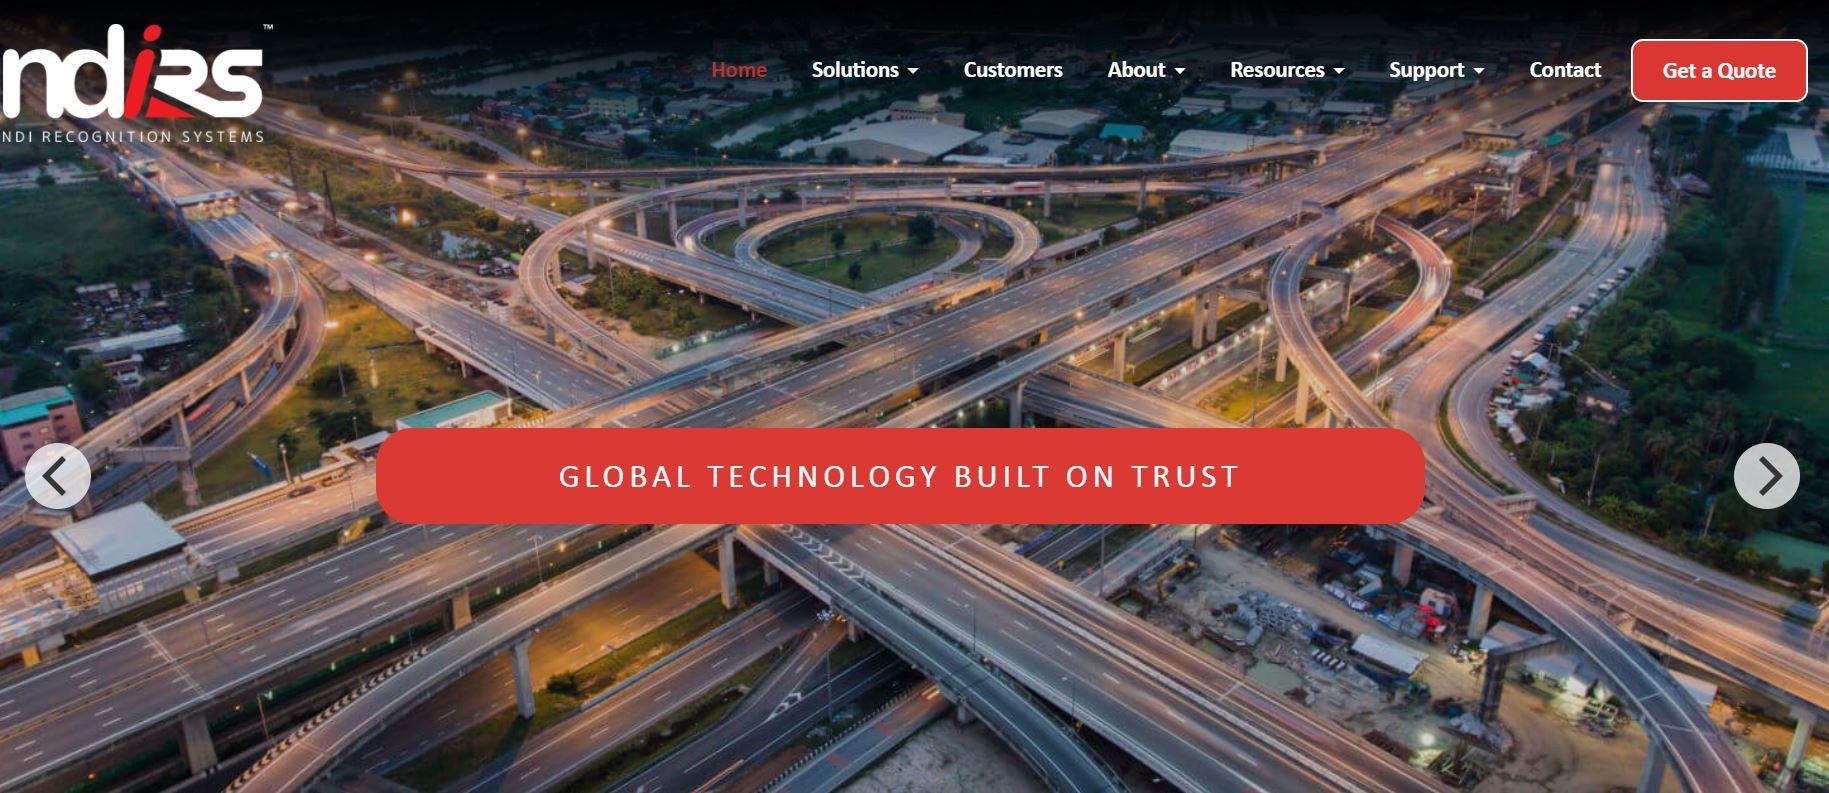 NDI launches new website and branding